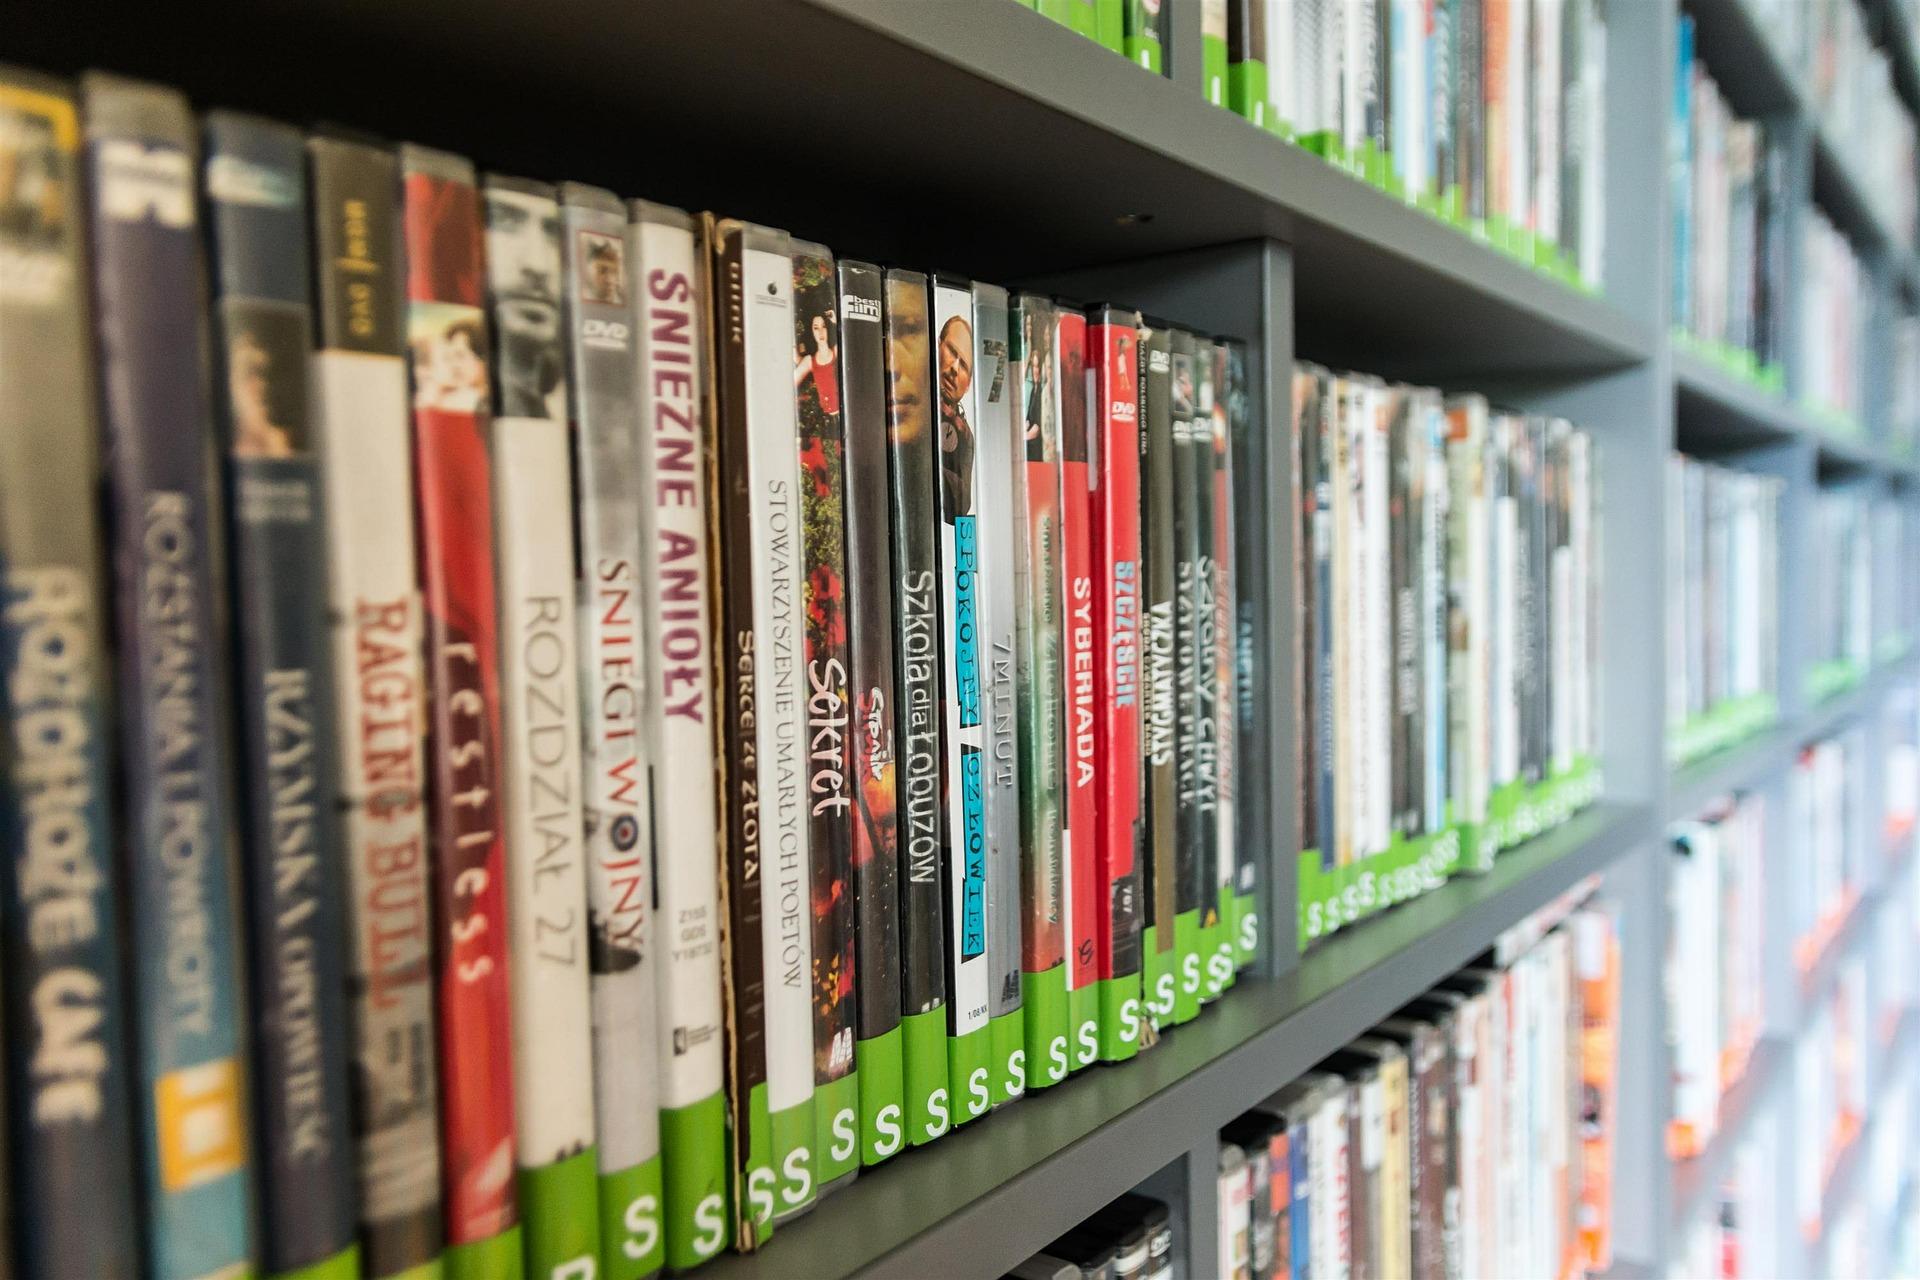 Comment compléter votre collection de documentaires à moindre frais ?